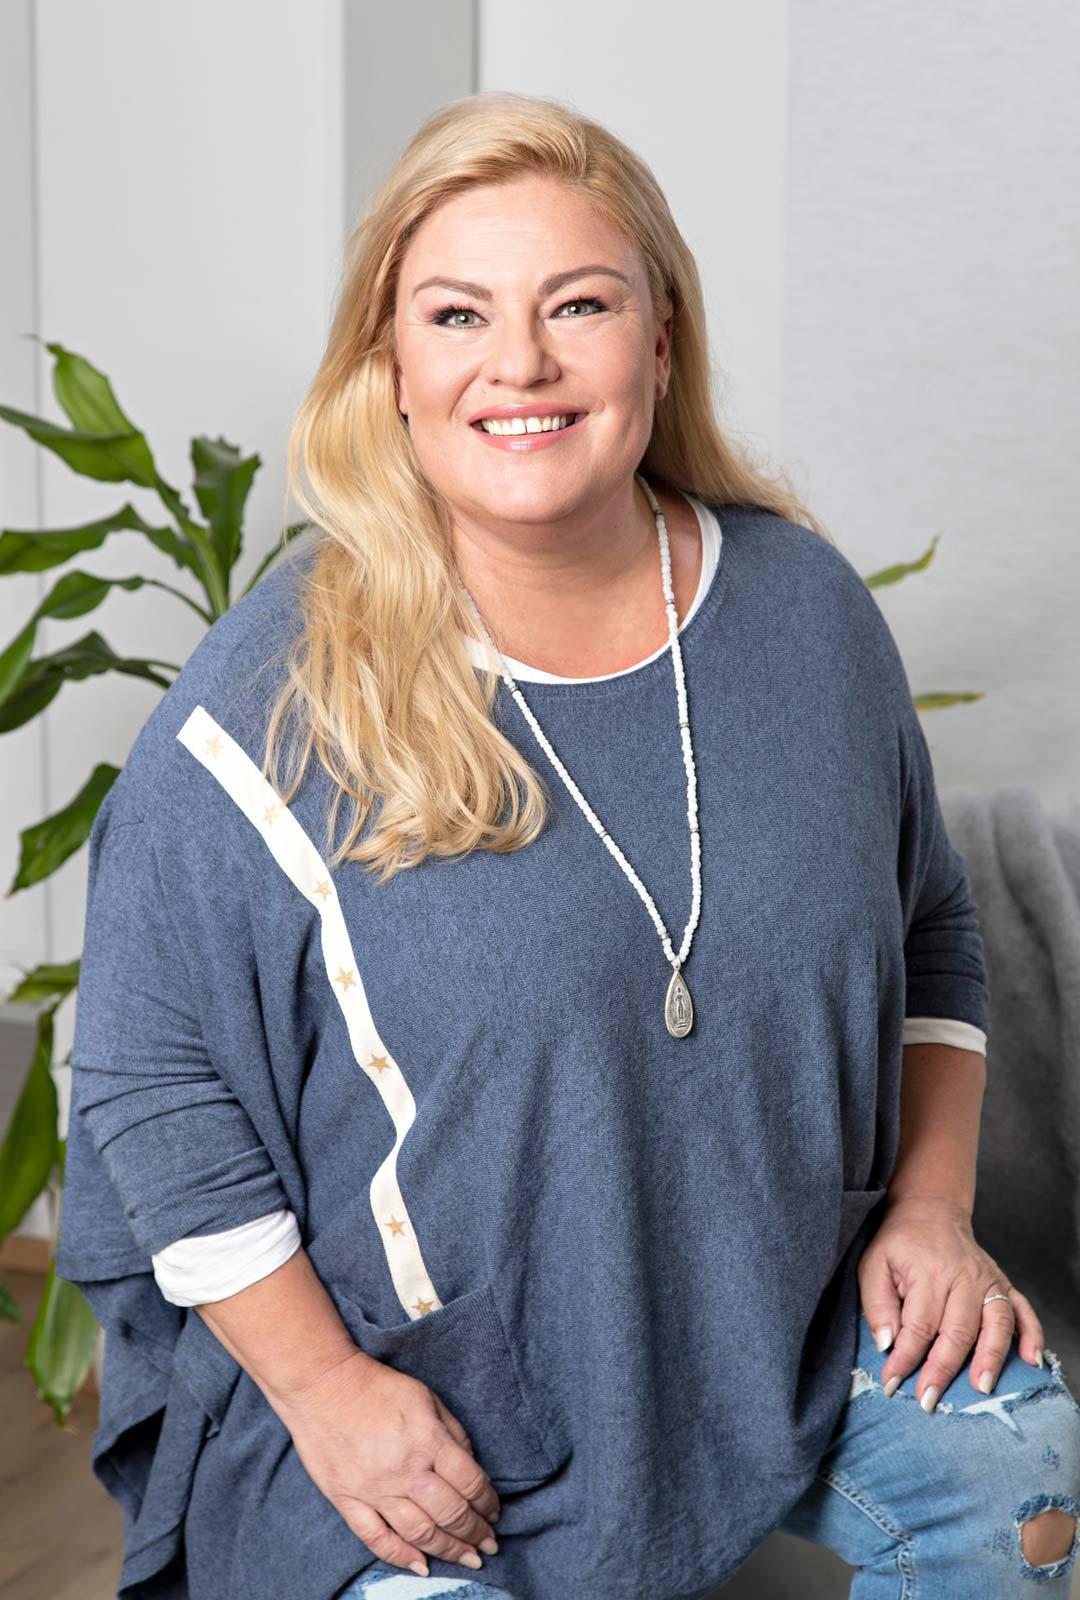 Näyttelijä Sanna Saarijärvi odottaa kesältä ystävien tapaamista.